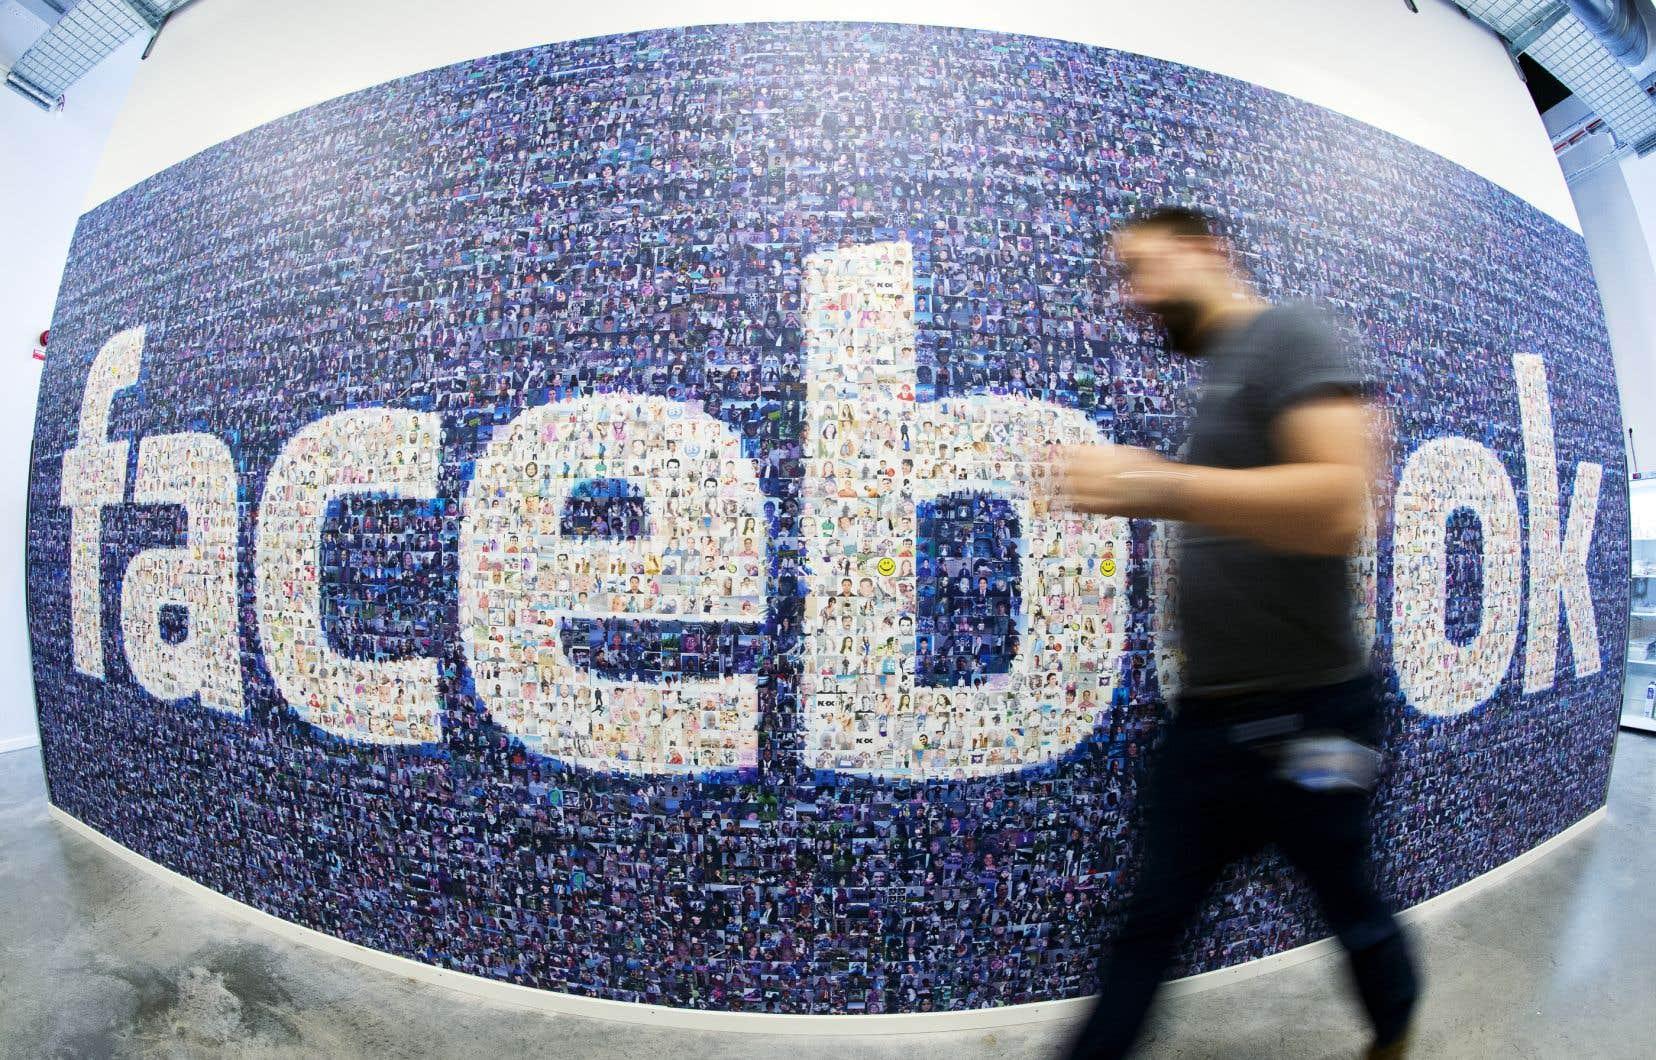 Le géant des réseaux sociaux a établi un lien entre ces comptes et commentaires et le cabinet de marketing, «bien que les personnes de cette opération aient tenté de dissimuler leurs identités et la coordination entre eux».